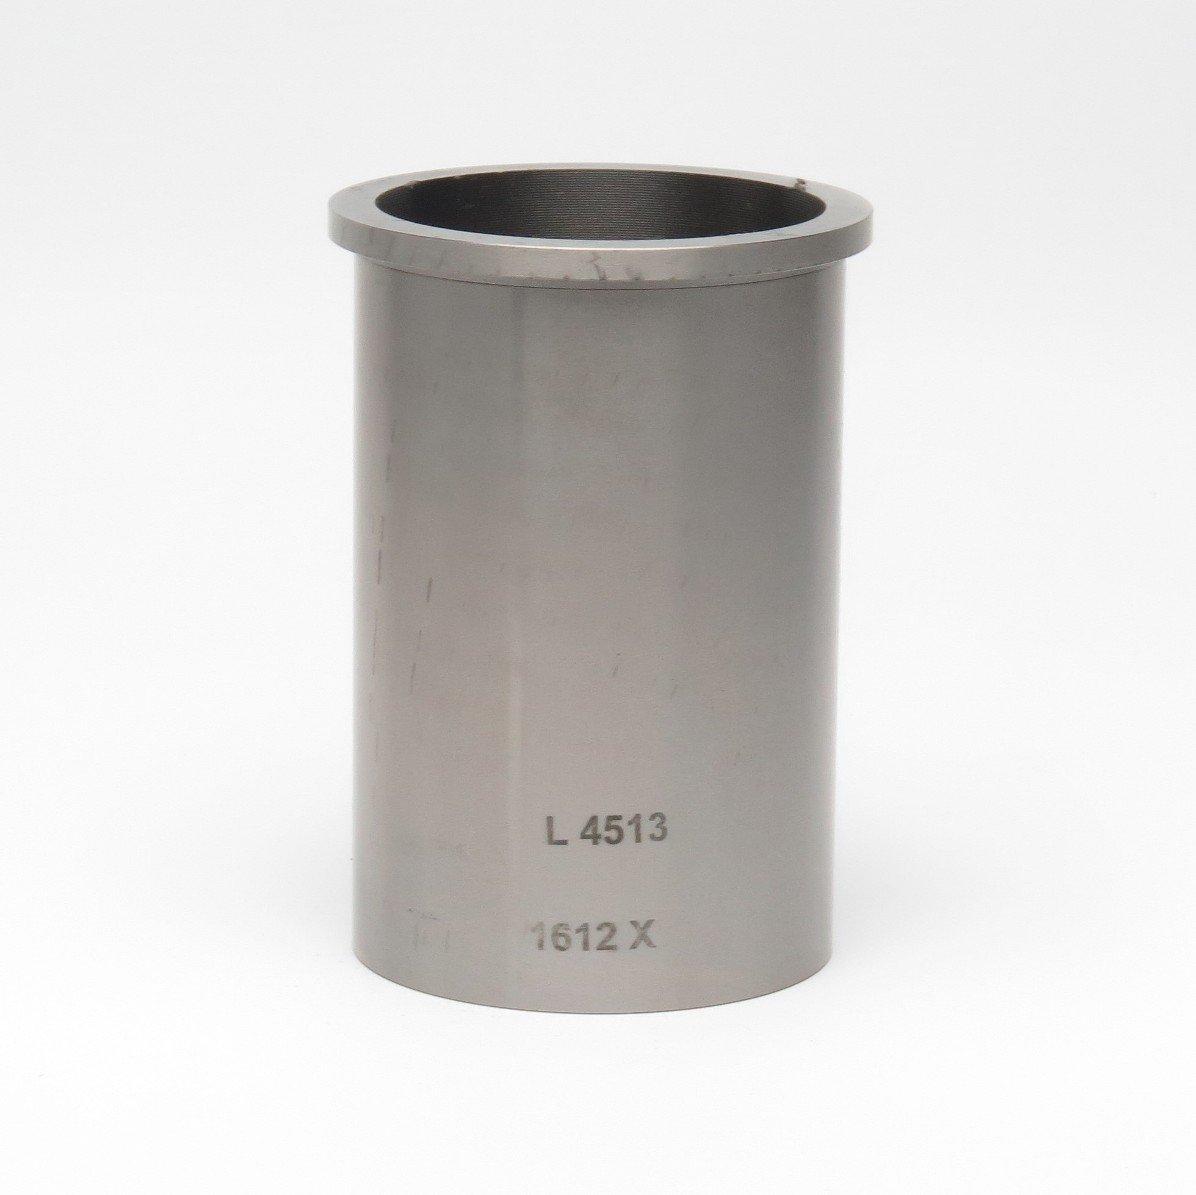 L 4513 - Flanged Repair Liner